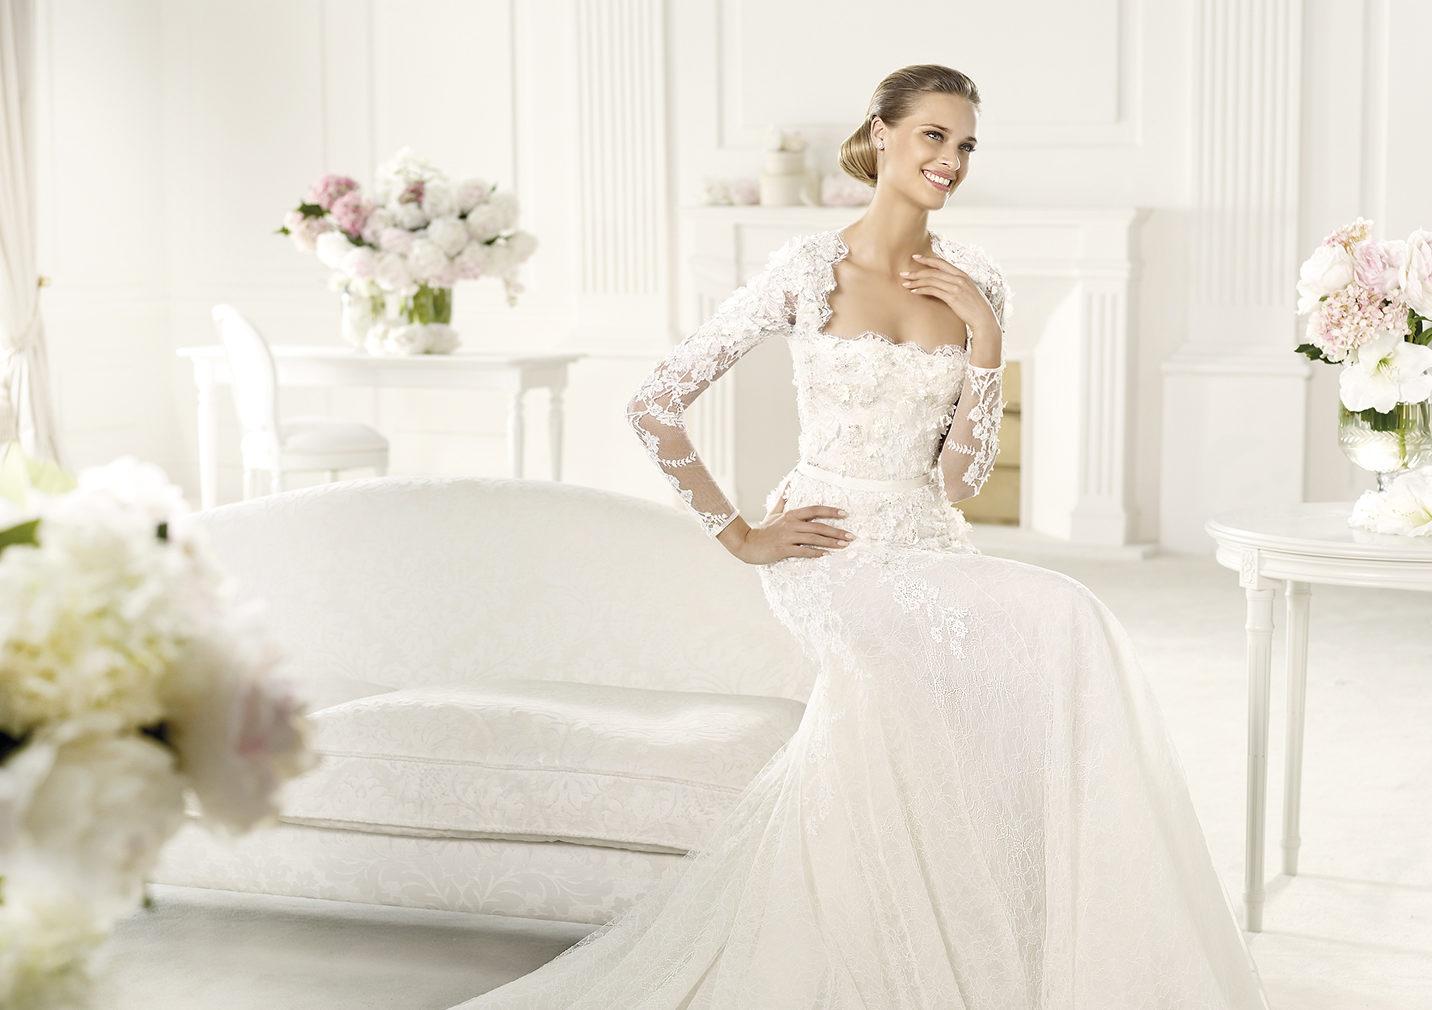 10 Abiti da Sposa con manica a tre quarti per i matrimoni di ... abeb7f4c88d